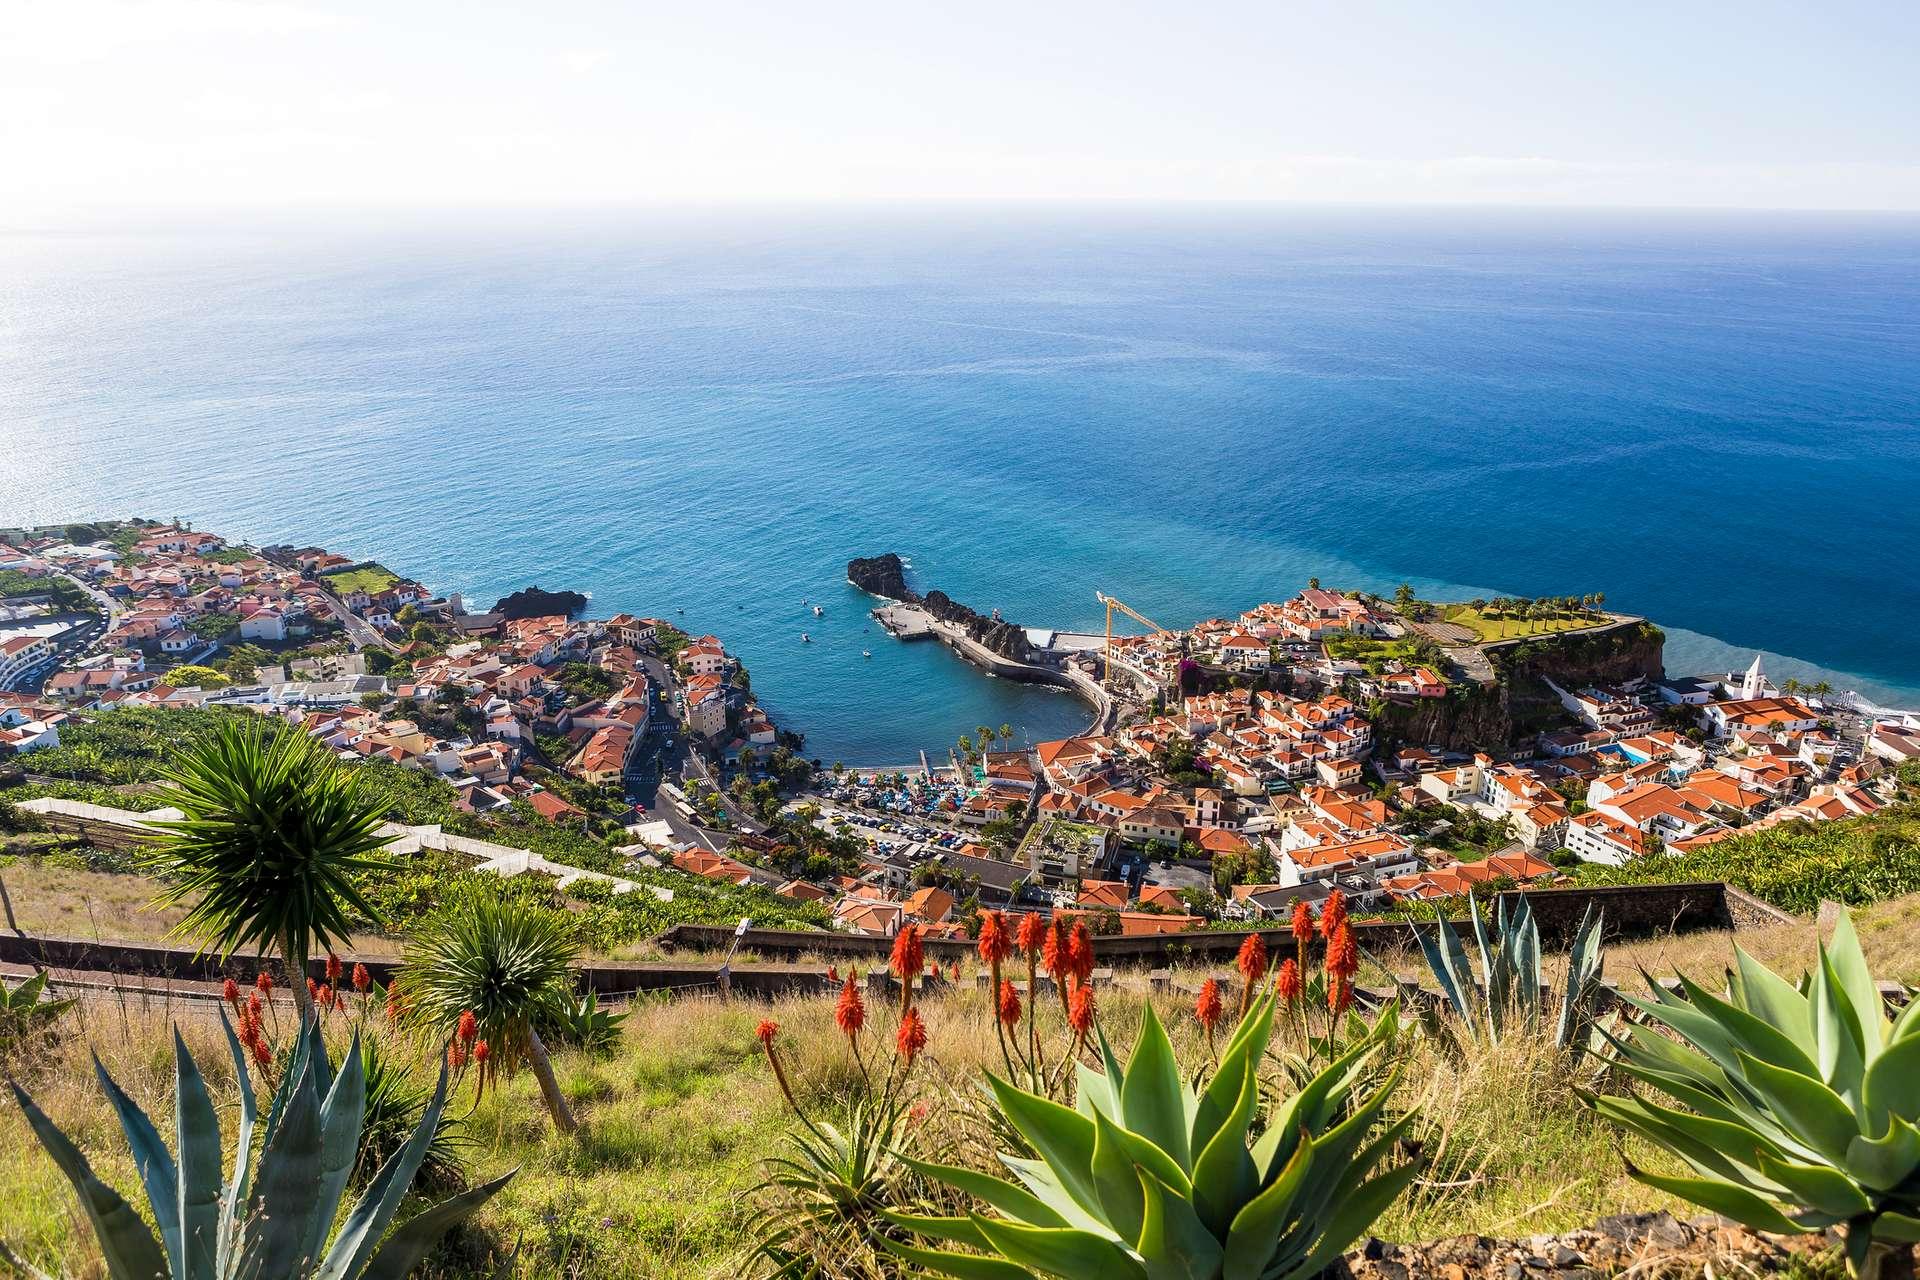 Portuga Madeira Miradouro da Torre view